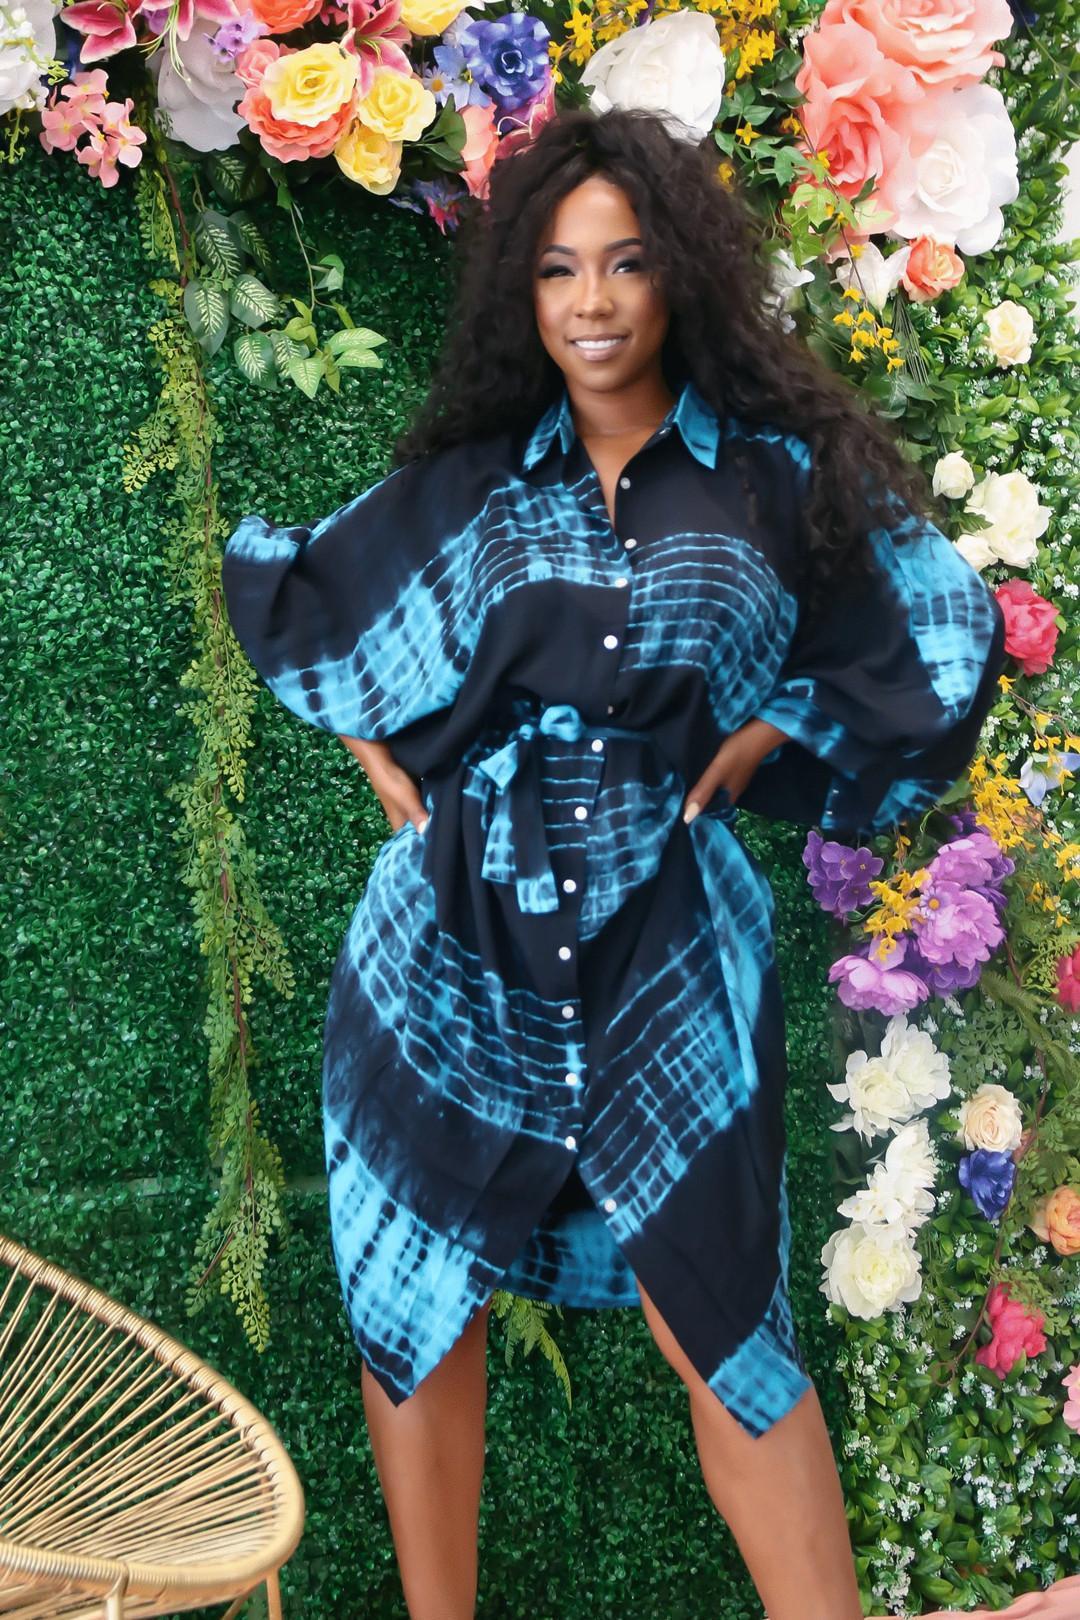 Flutter Womens Sleeve Designer Abiti estate allentato più la camicia casuale delle donne vestito dal risvolto del collo traspirante Abbigliamento Donna